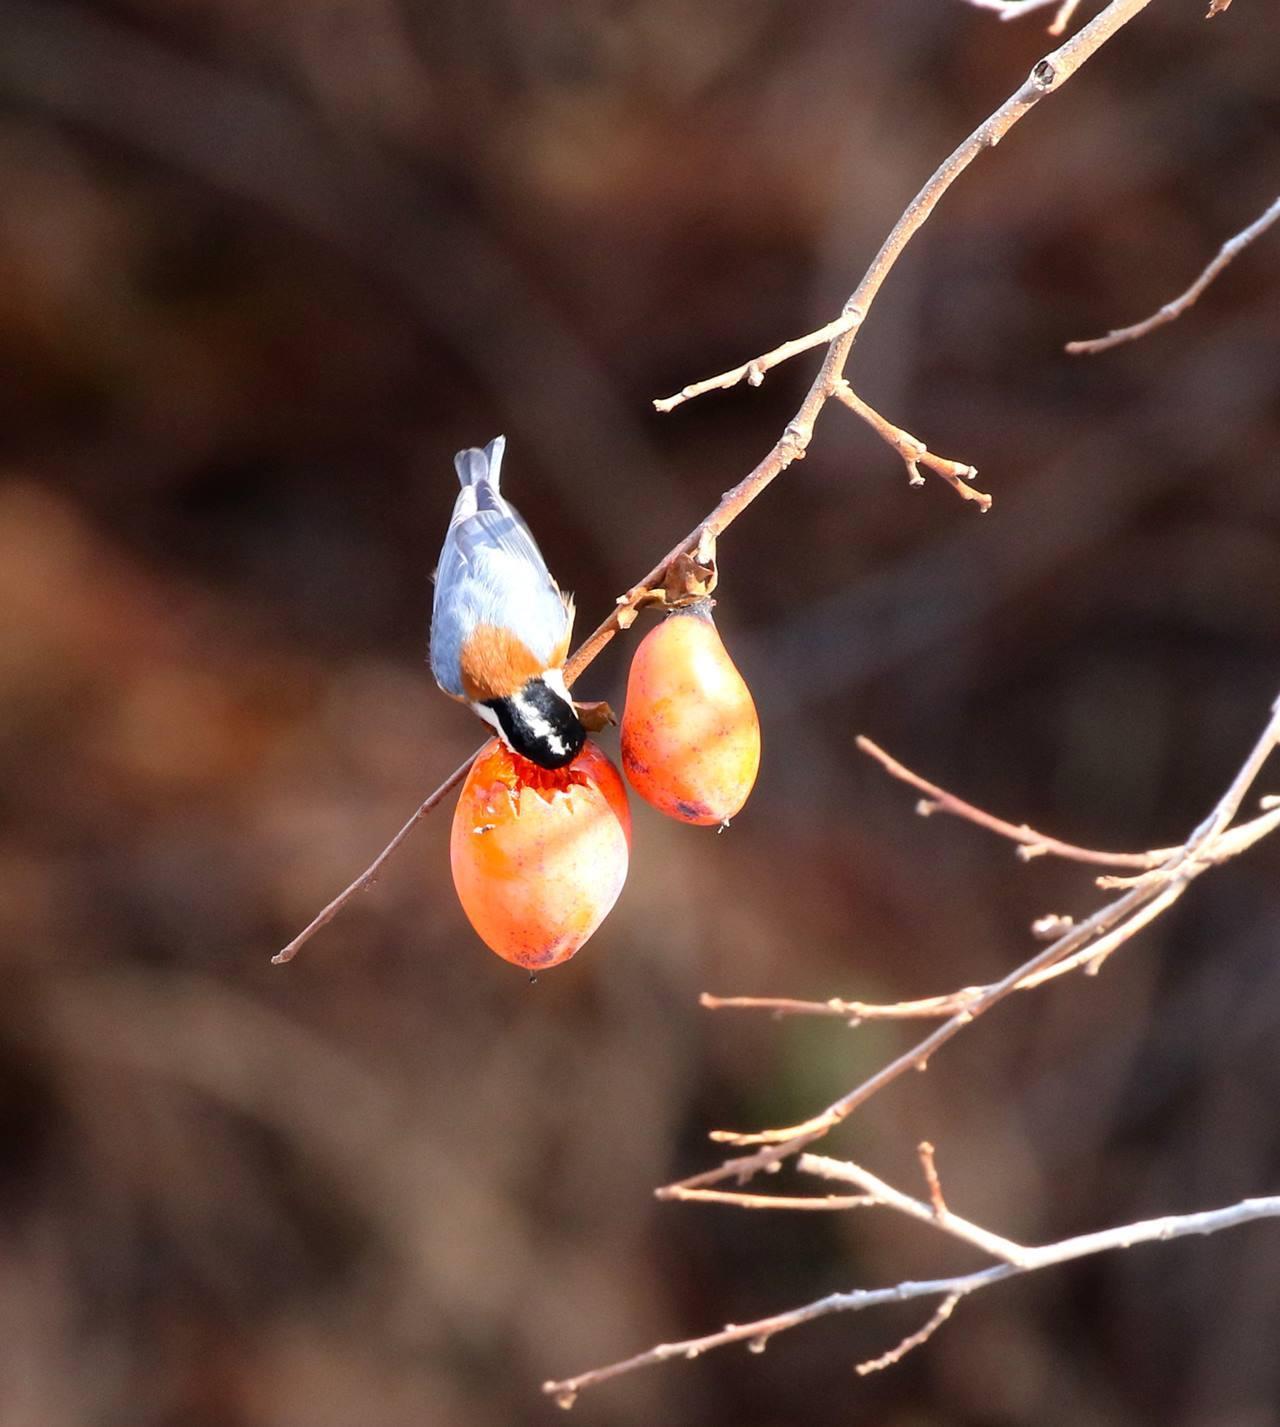 熟れた柿にやって来た野鳥たち・・・_c0213607_22072244.jpg